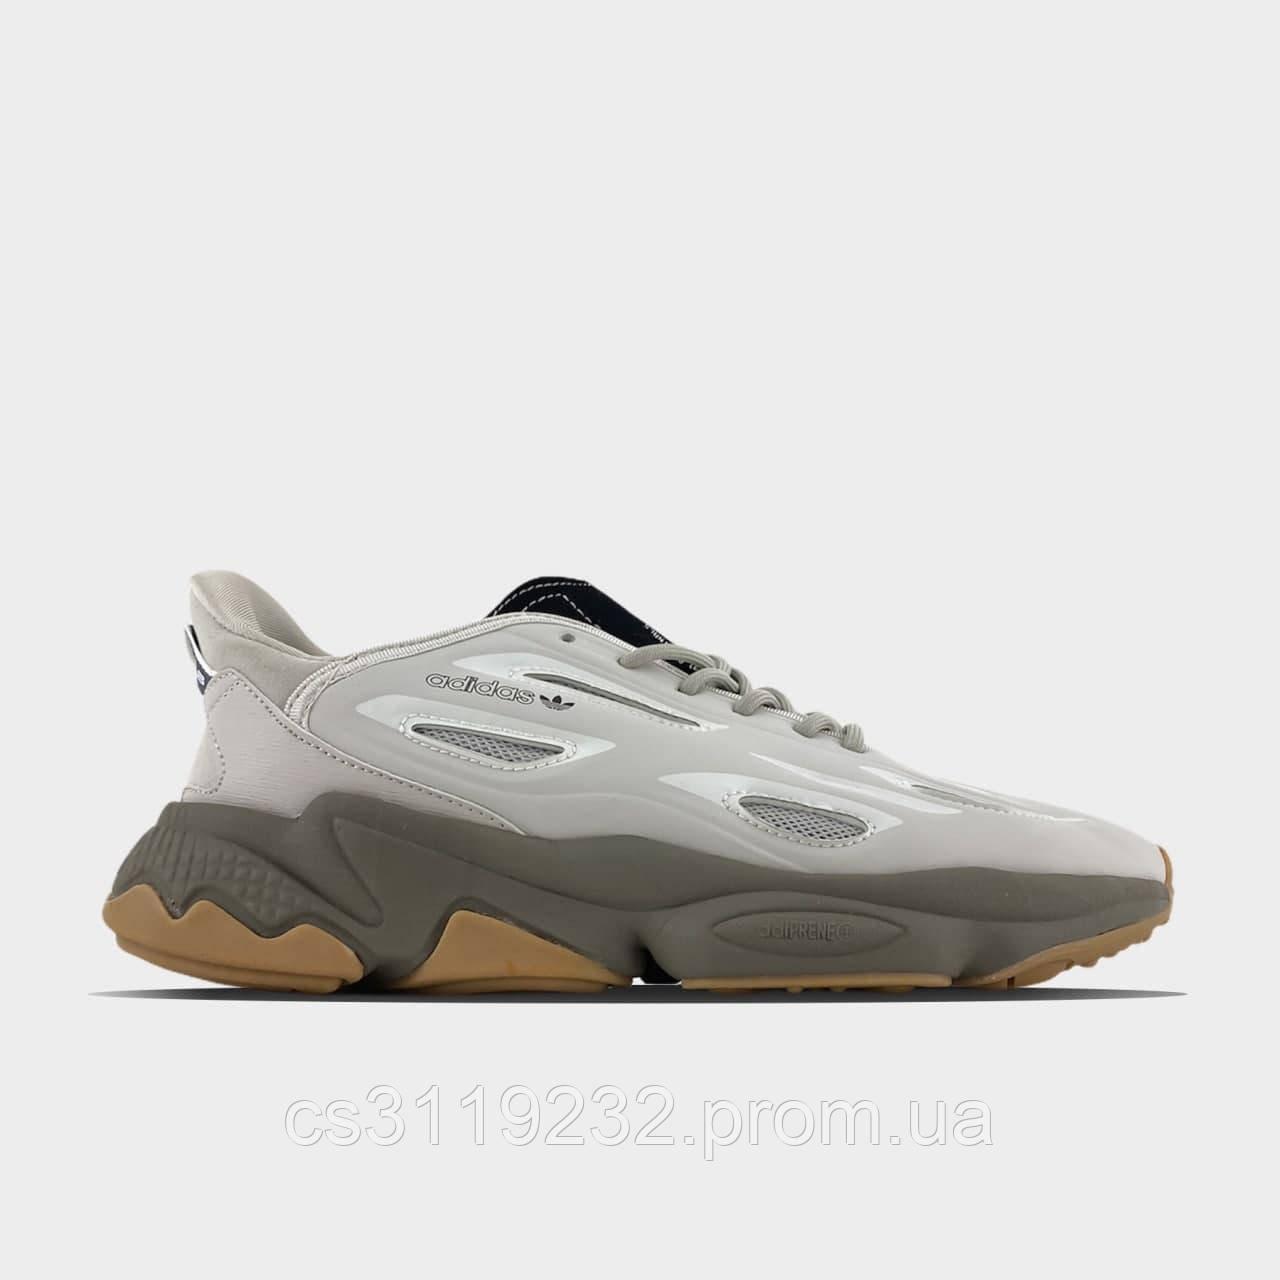 Мужские кроссовки Adidas Ozweego Gray (серые)